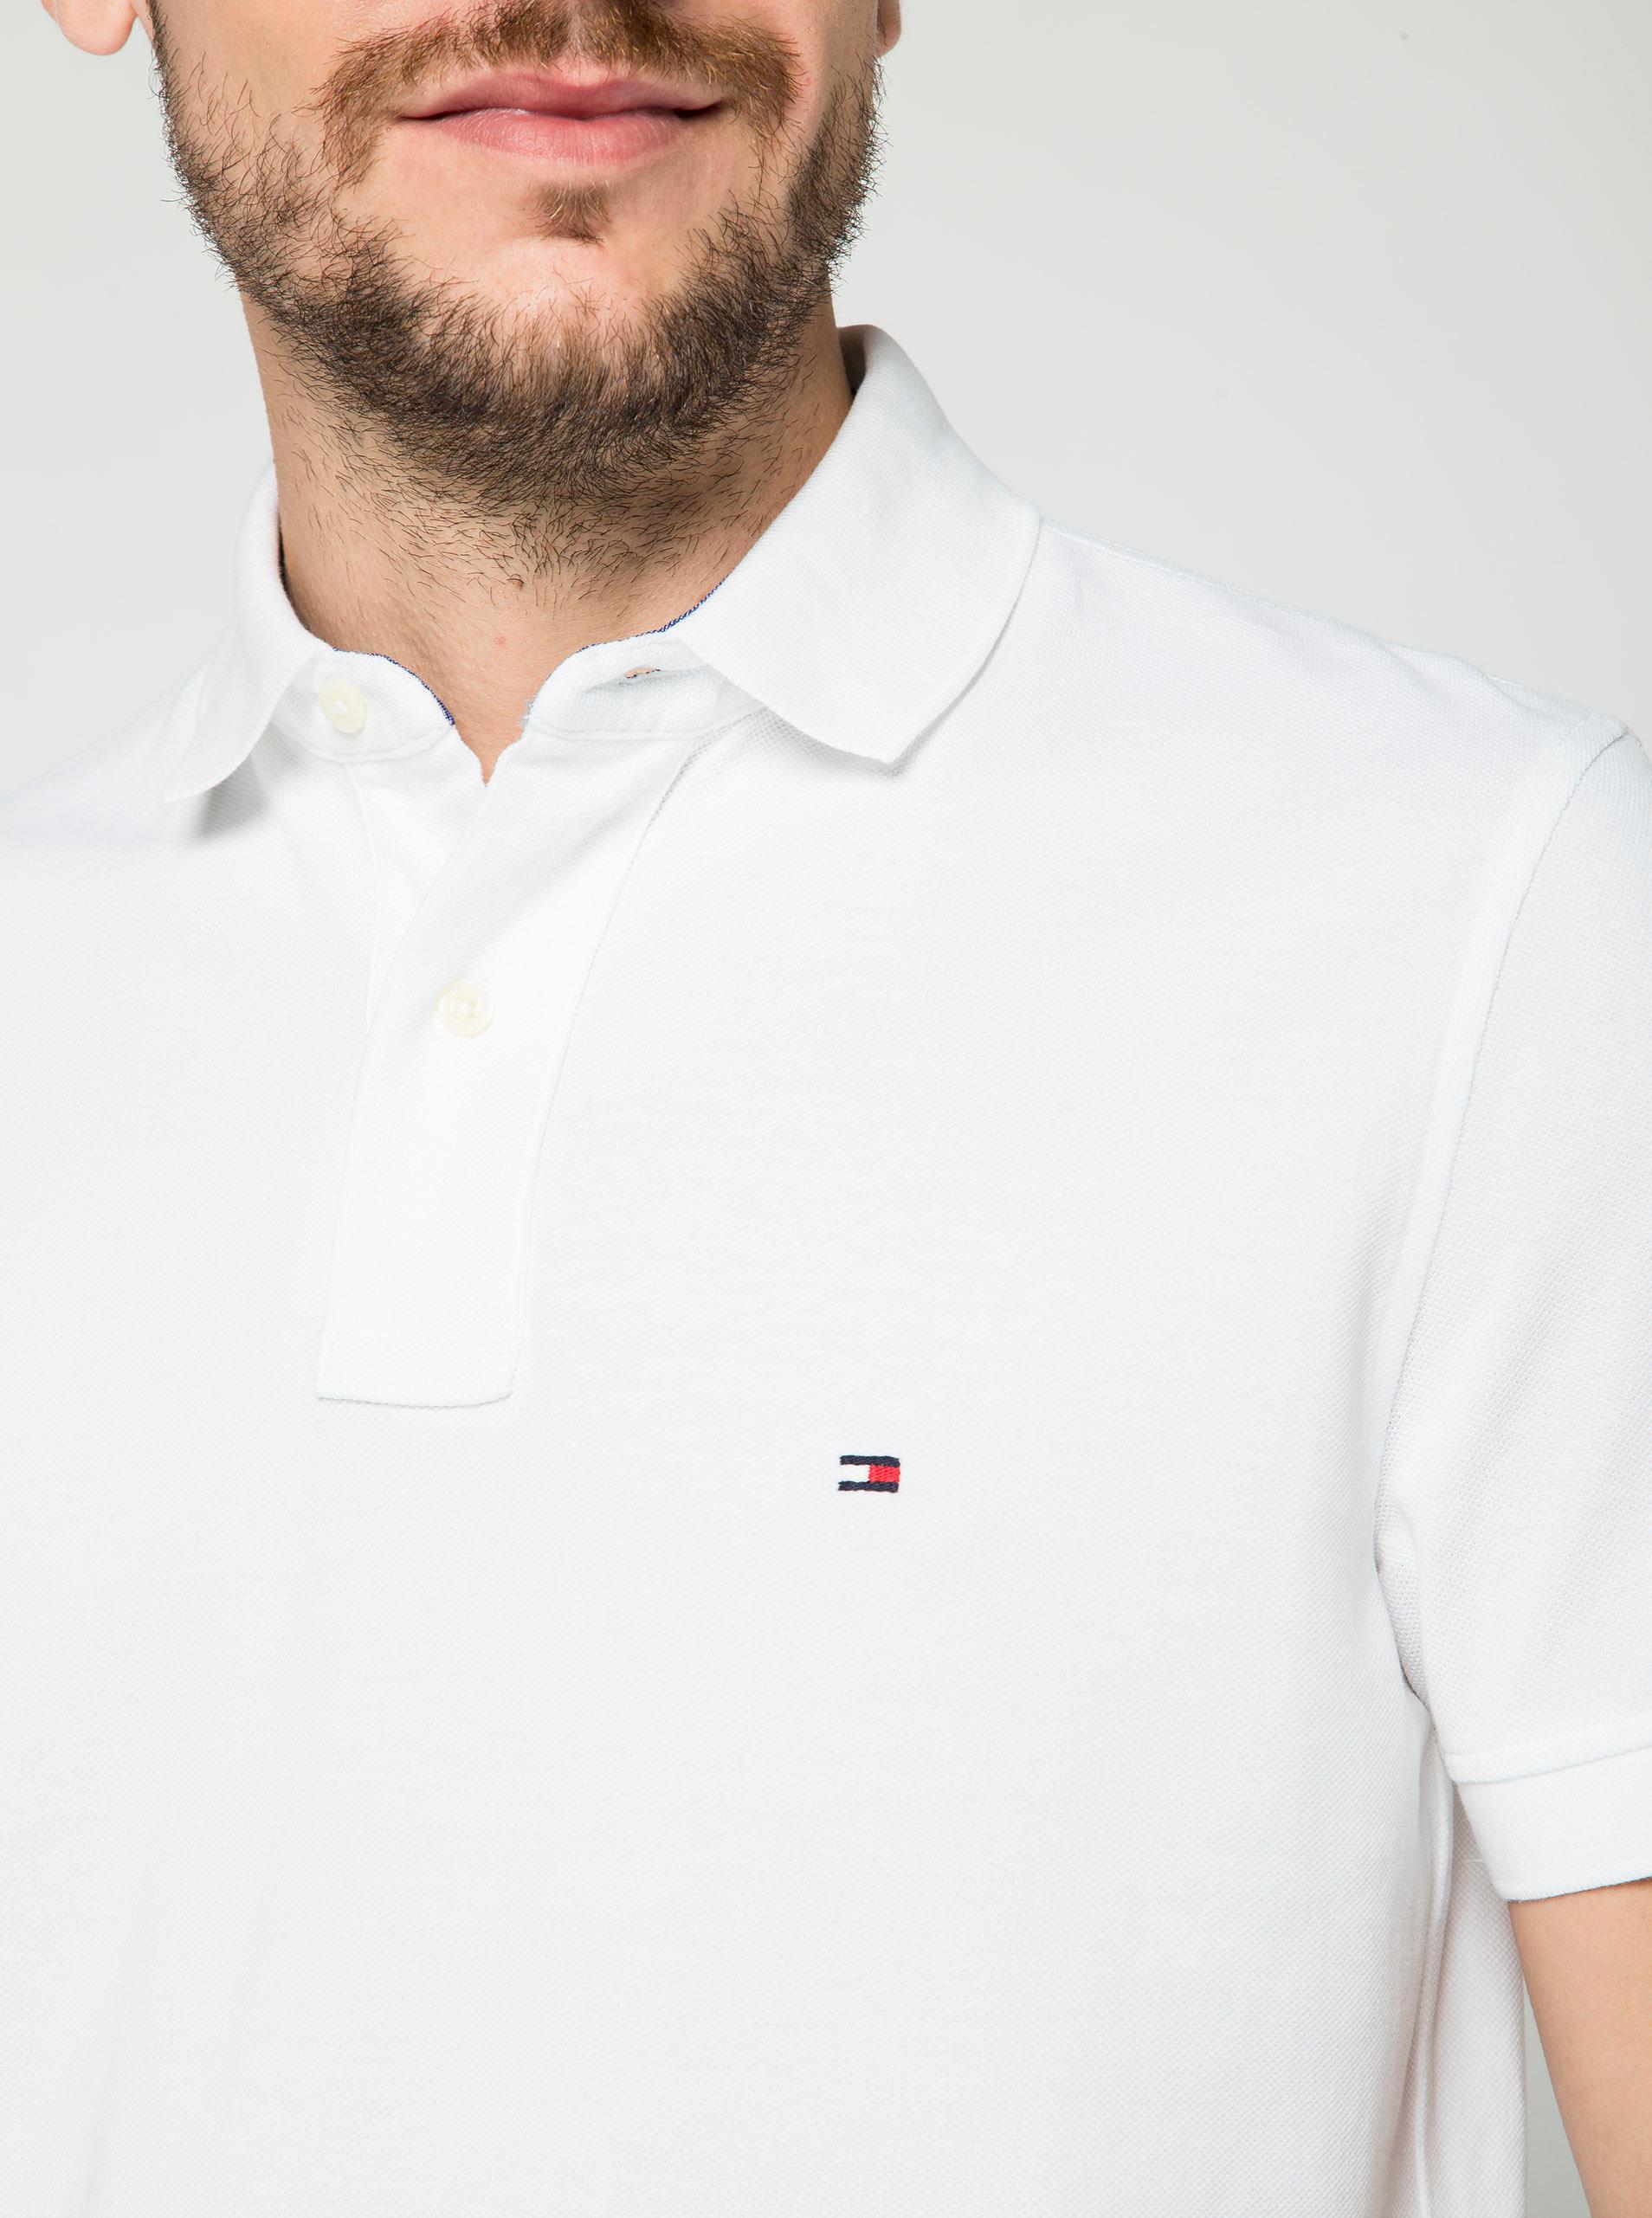 Bílé pánské polo tričko Tommy Hilfiger ... dc17c35cd8b